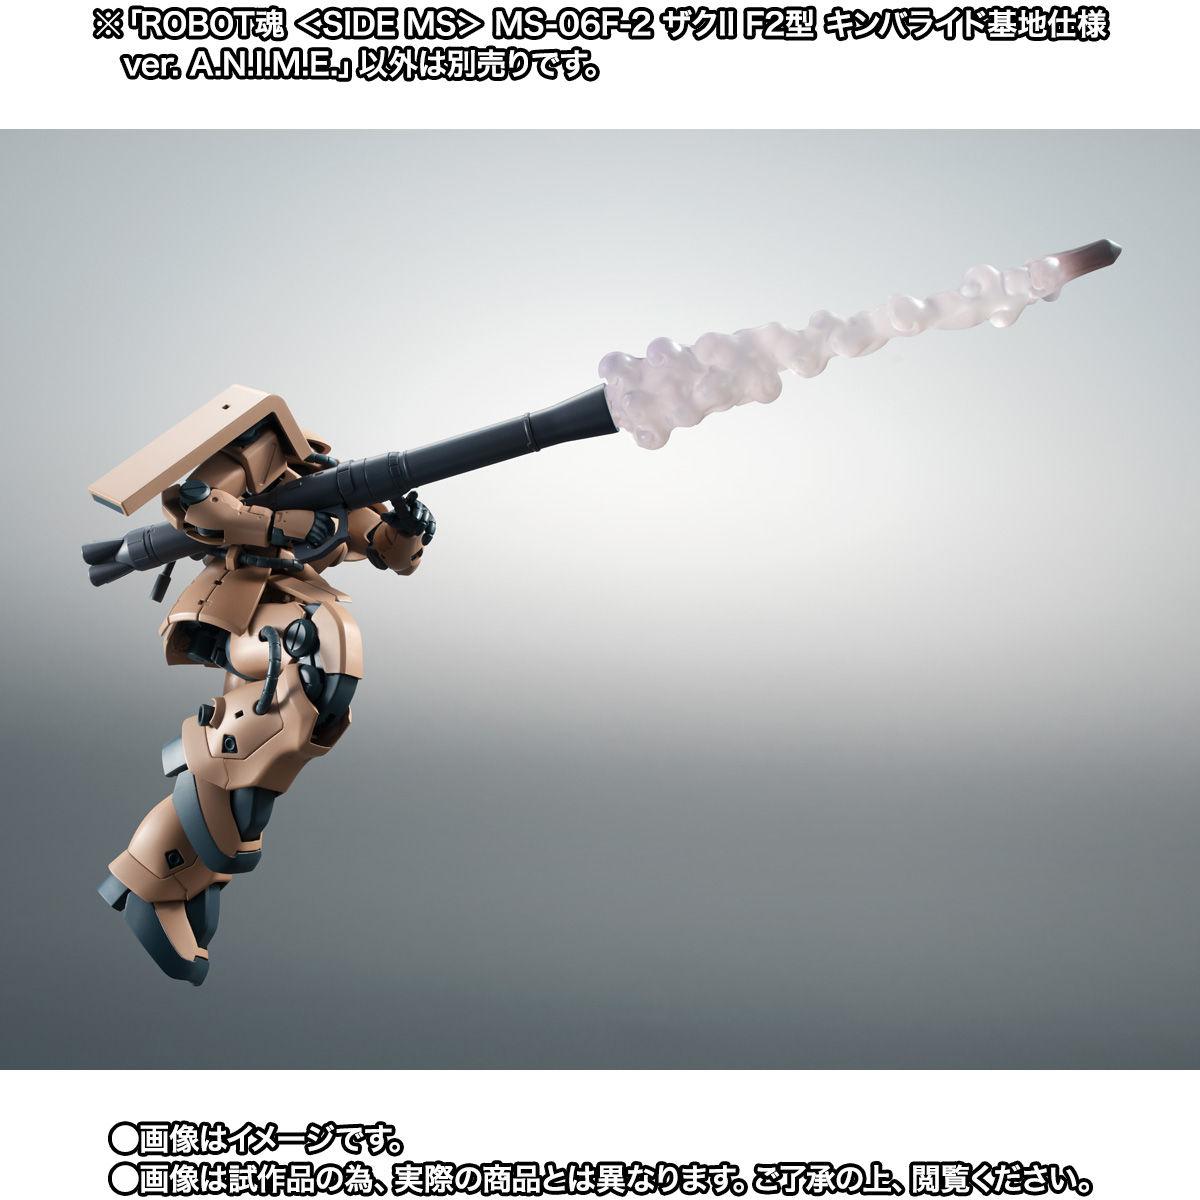 【限定販売】ROBOT魂〈SIDE MS〉『MS-06F-2 ザクII F2型 キンバライド基地仕様 ver. A.N.I.M.E.』ガンダム0083 可動フィギュア-007